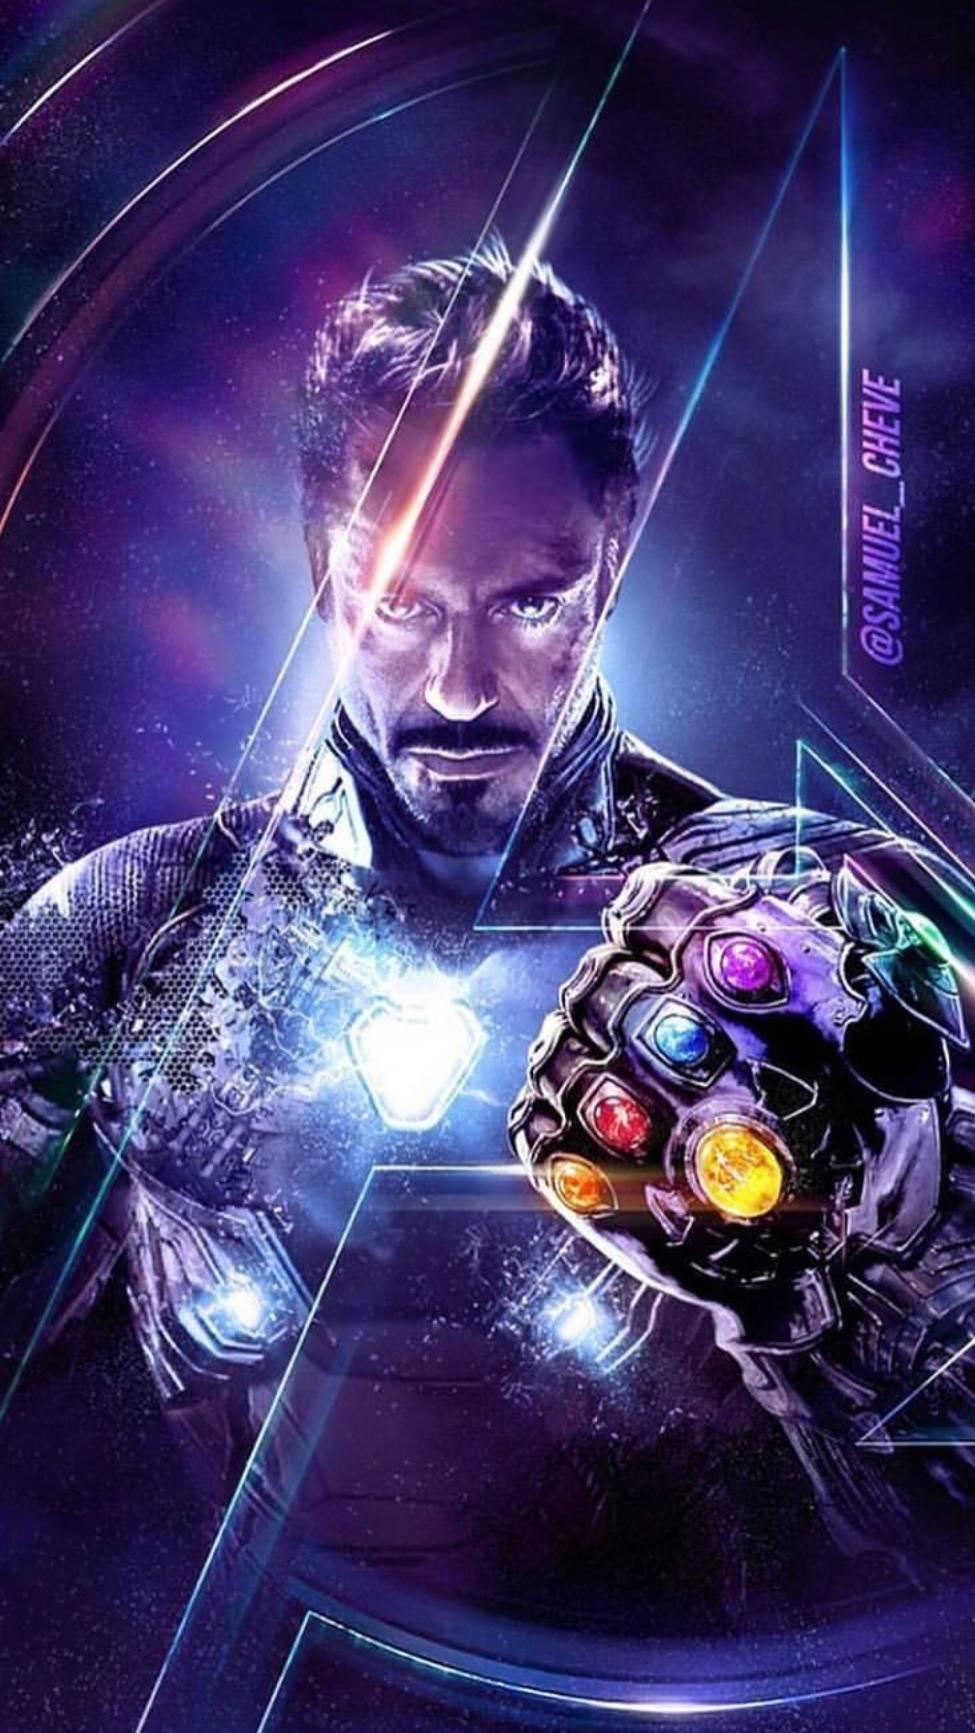 Endgame Tony Stark Infinity Stones iPhone Wallpaper